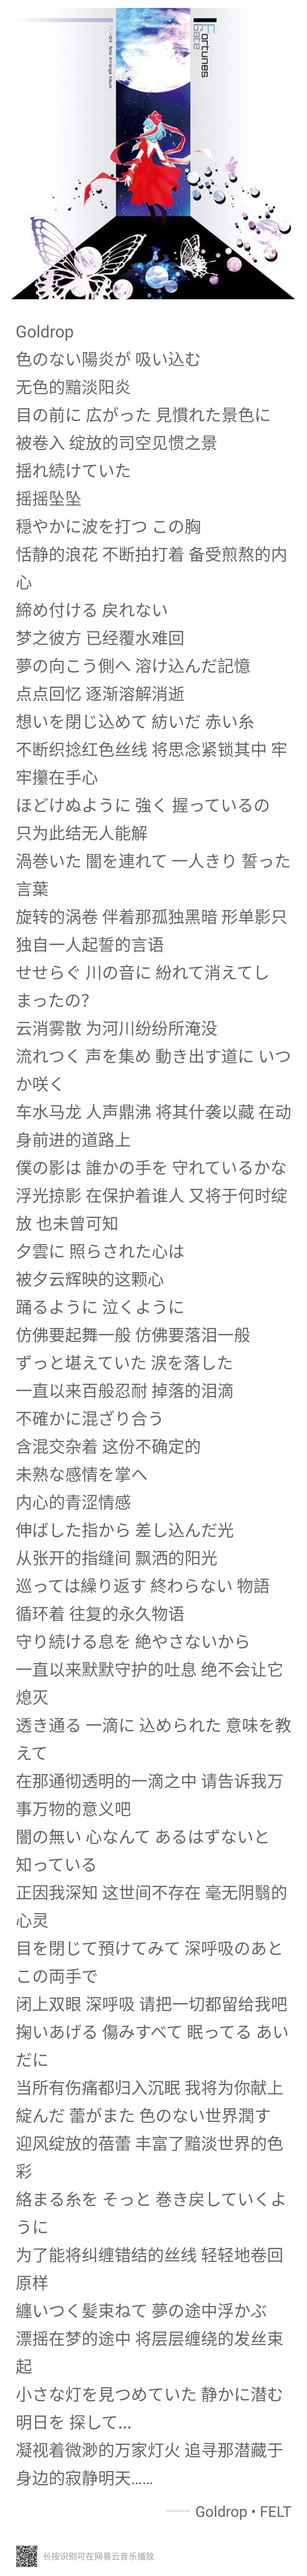 【音乐】Goldrop (原曲: 運命のダークサイド